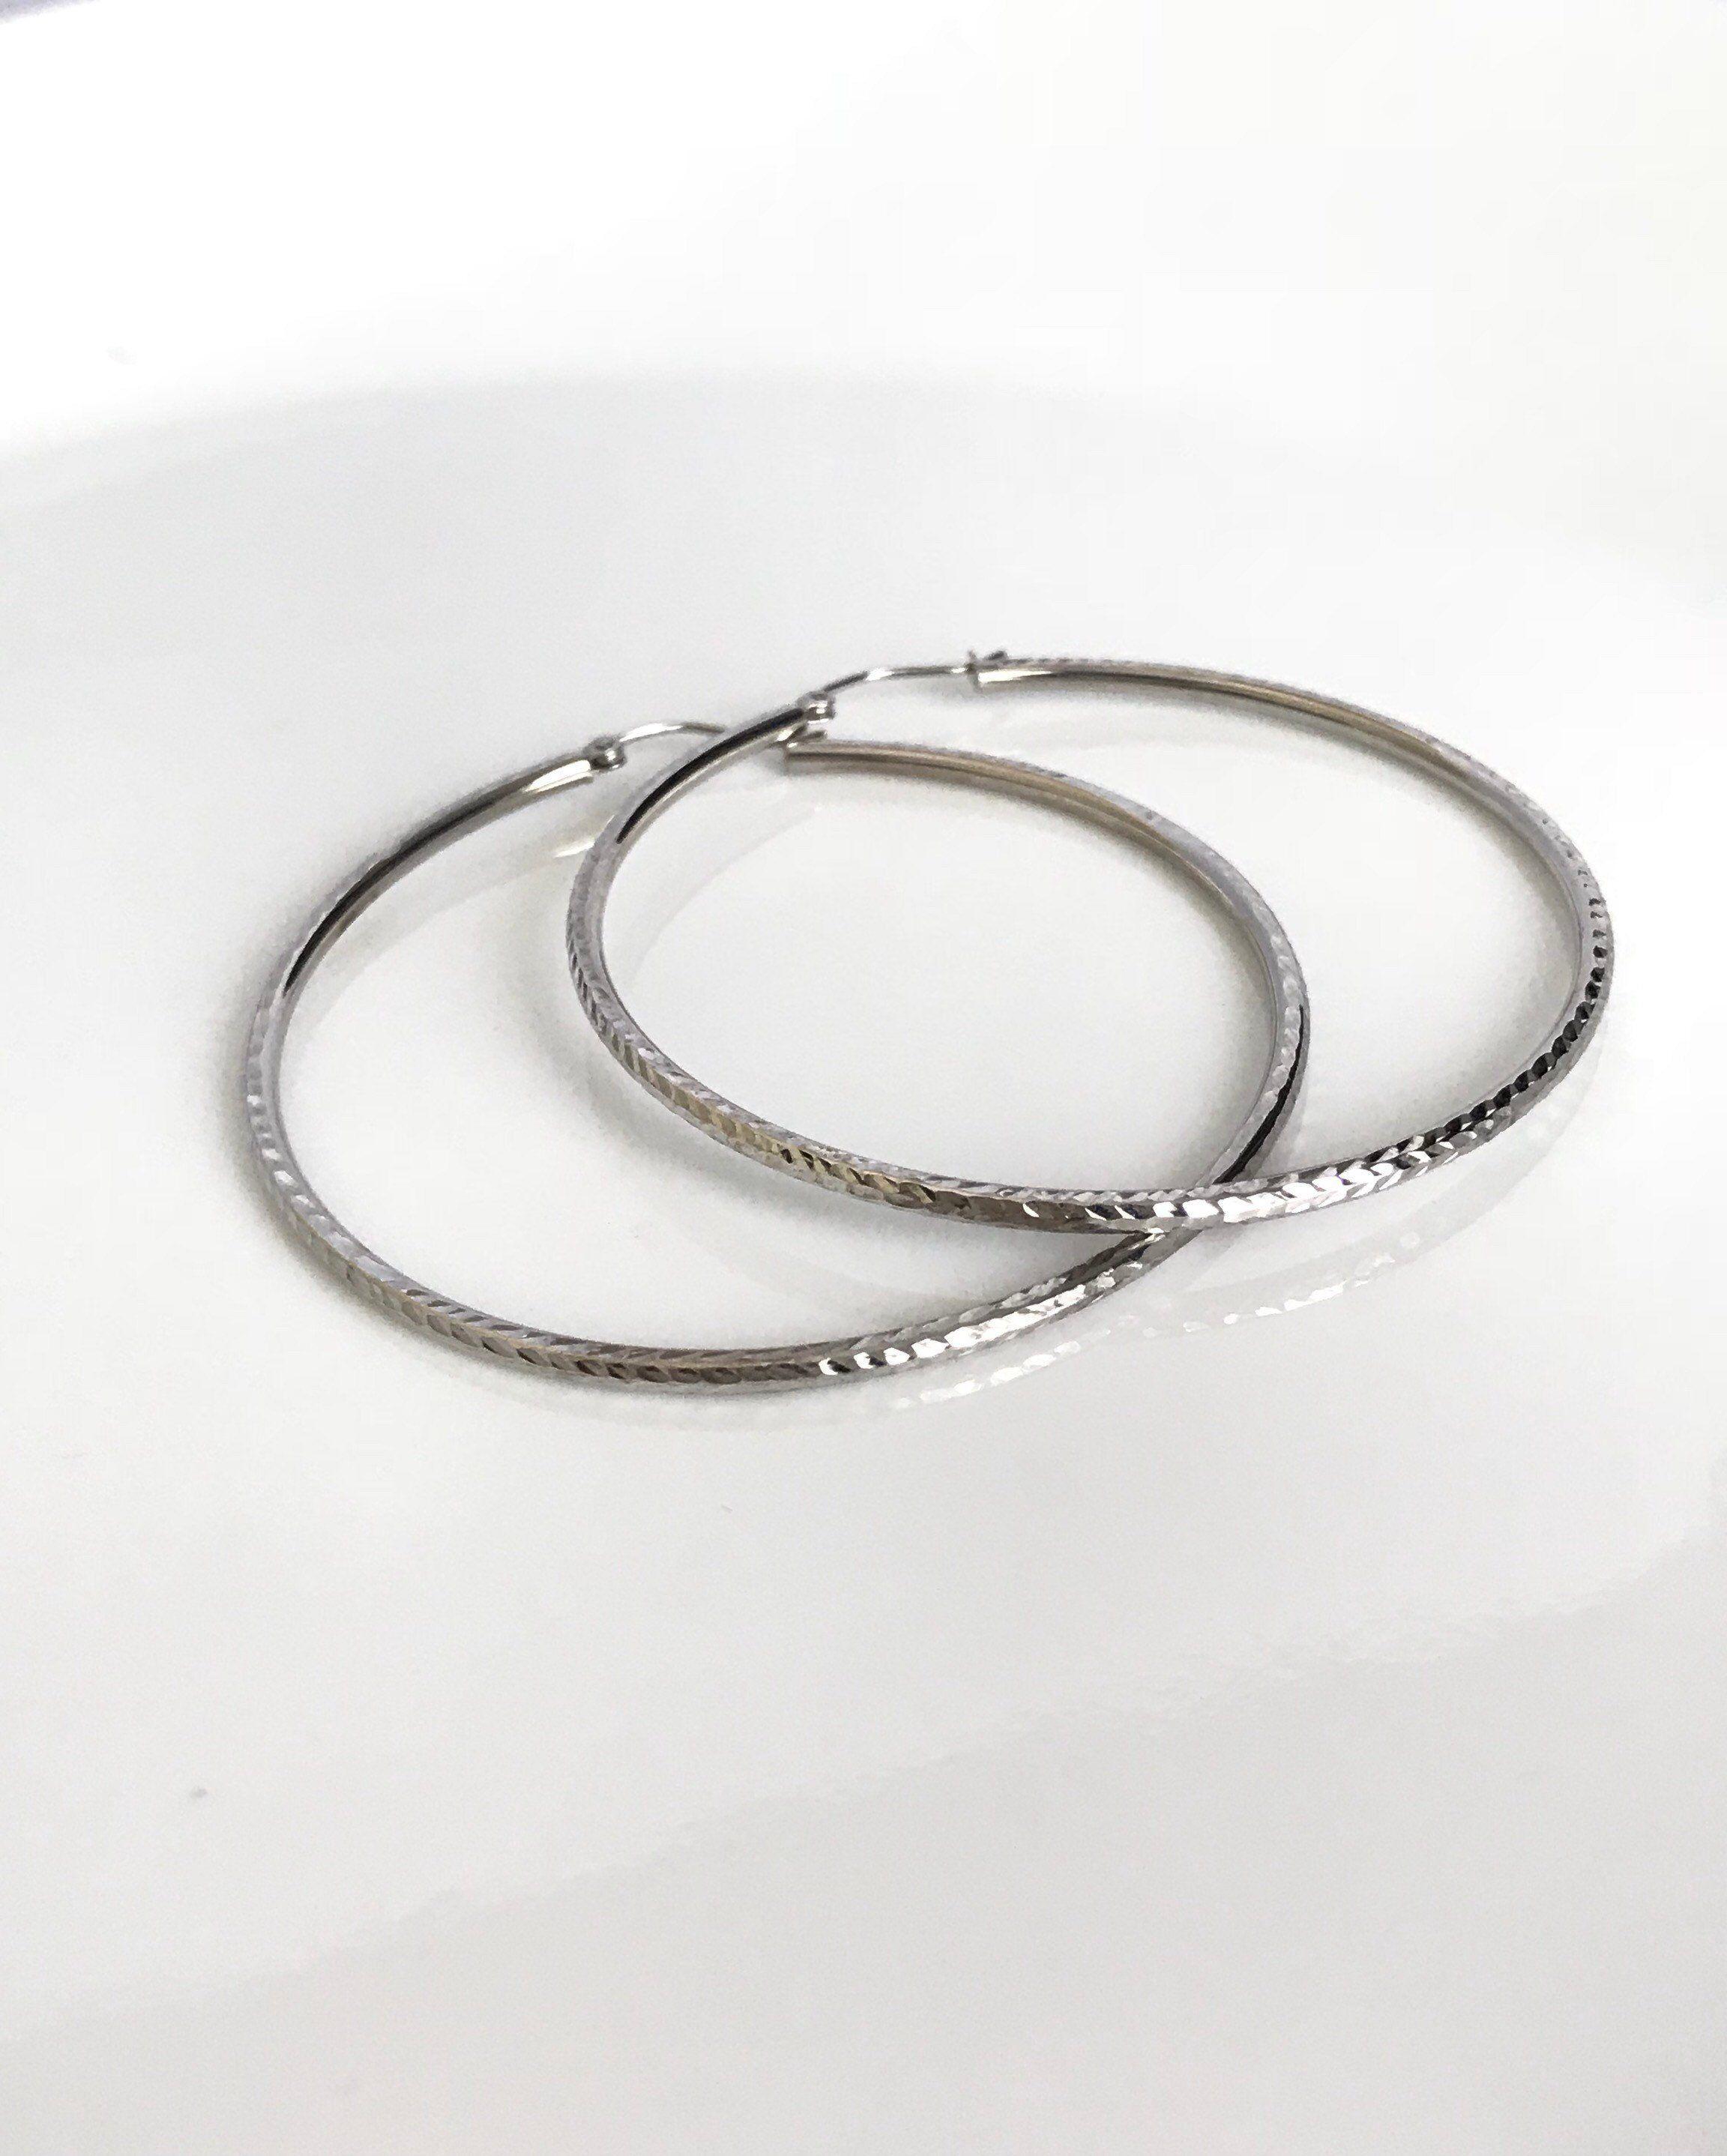 14k White Gold Large Hoop Earrings Thin